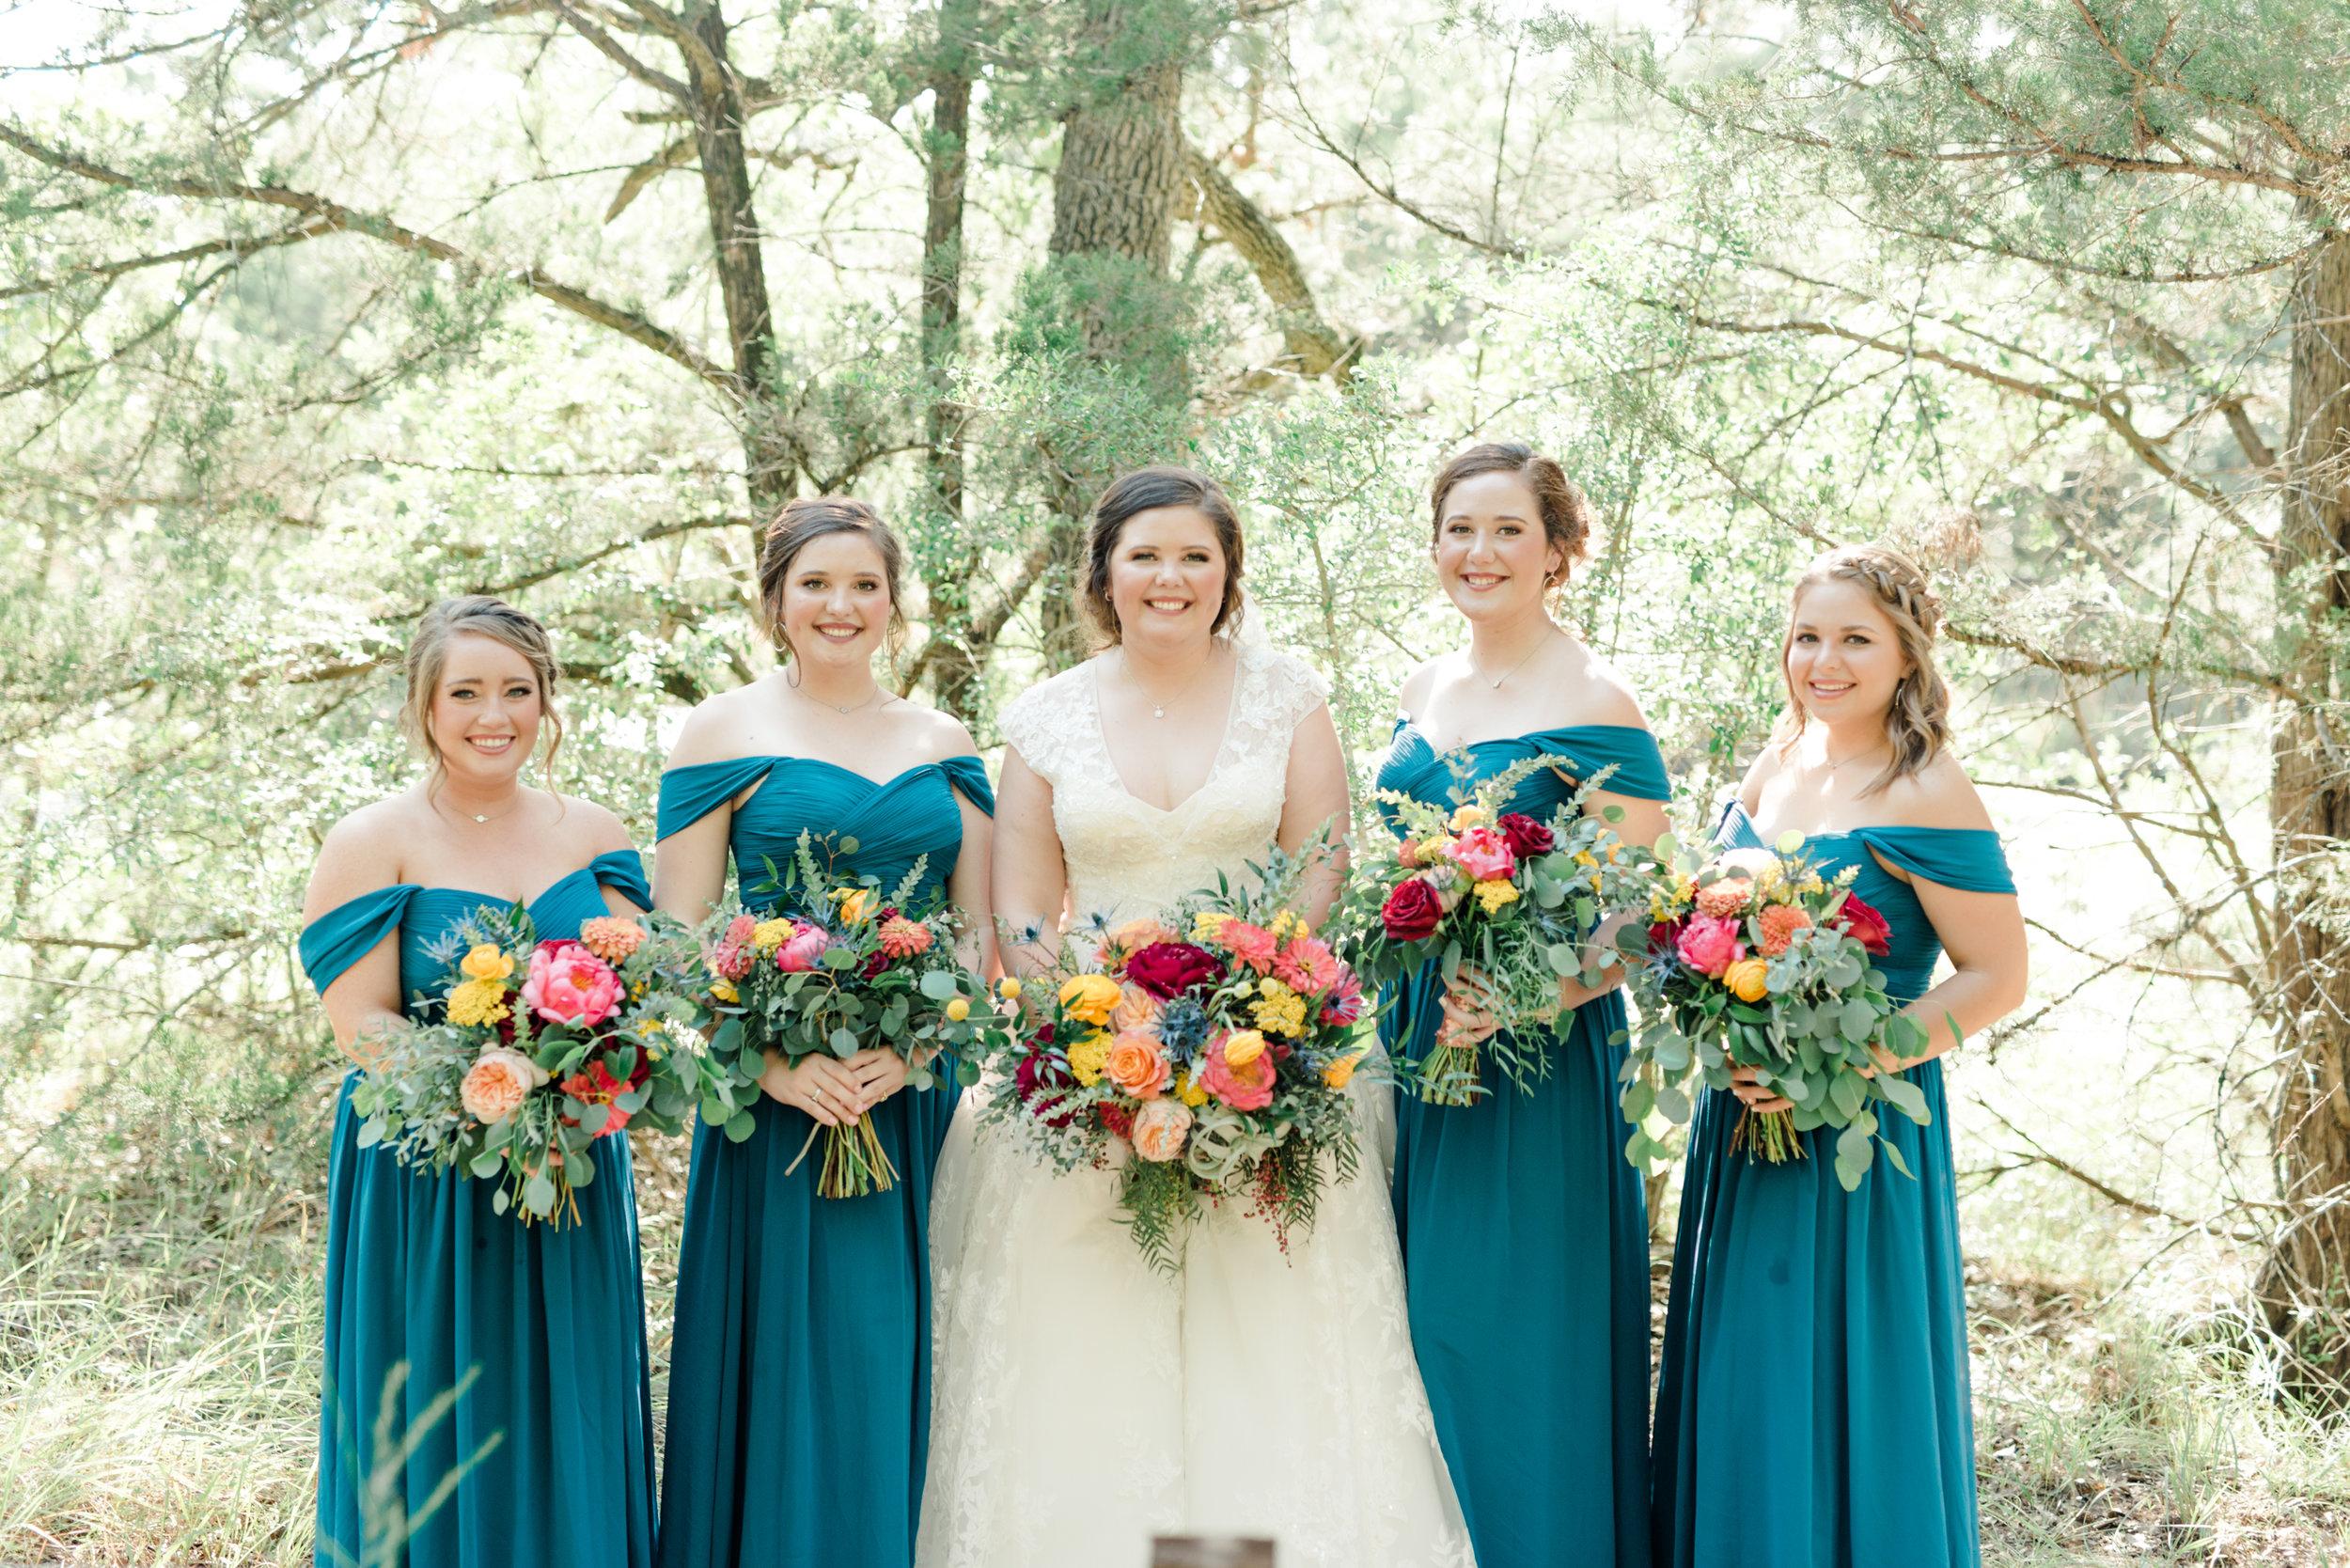 Wesley-Wedding-Ten23-Photography-384.jpg